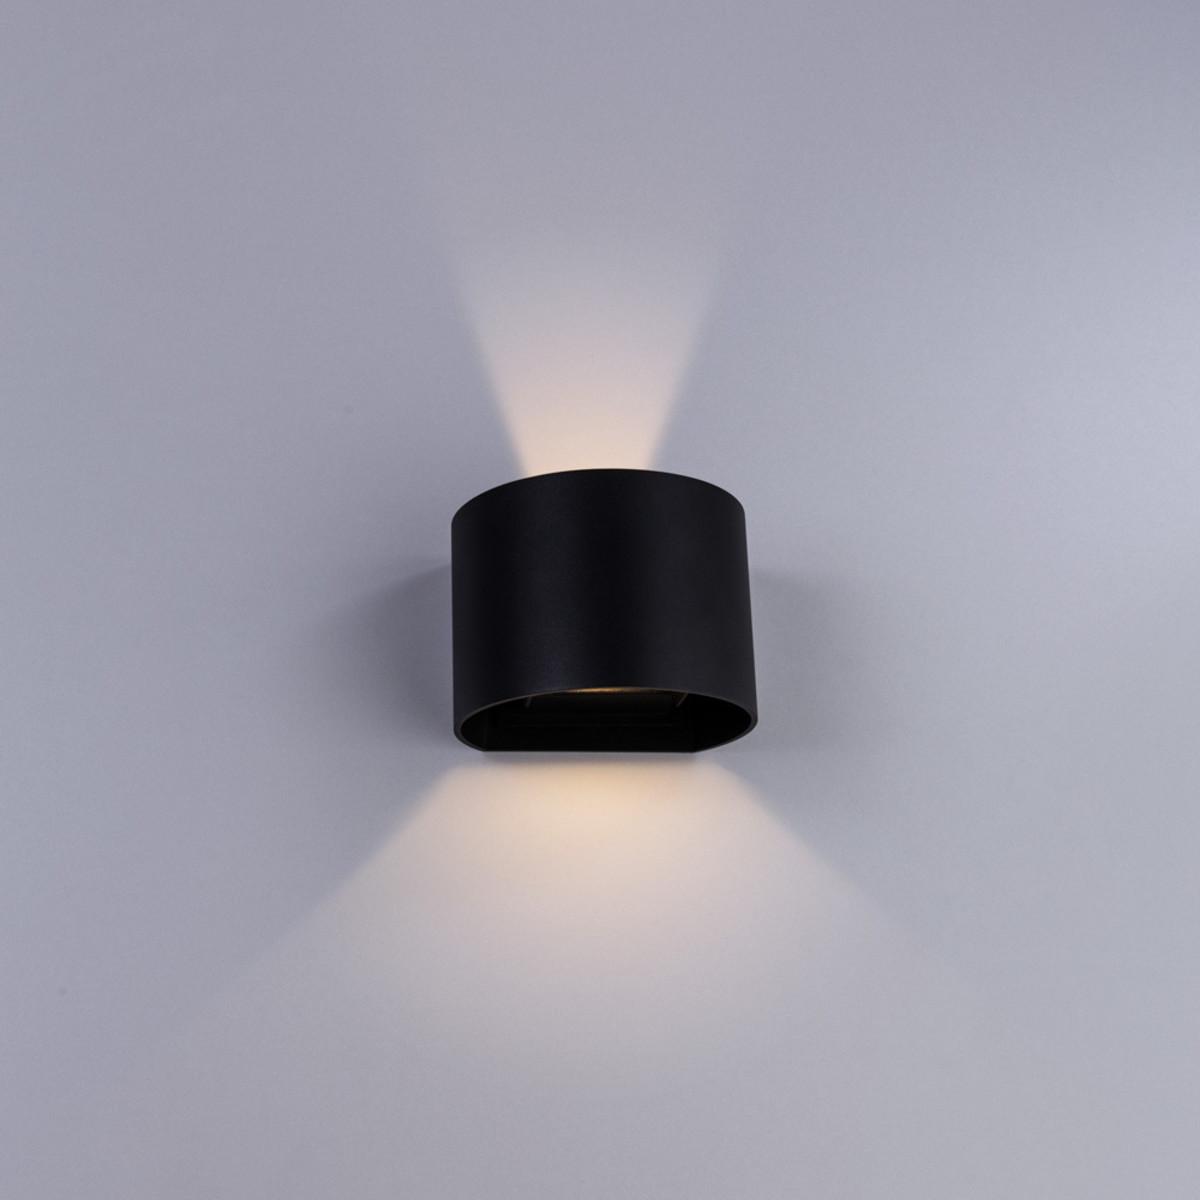 Бра уличное светодиодное «RulOv» 6 Вт IP54 цвет серый металлик